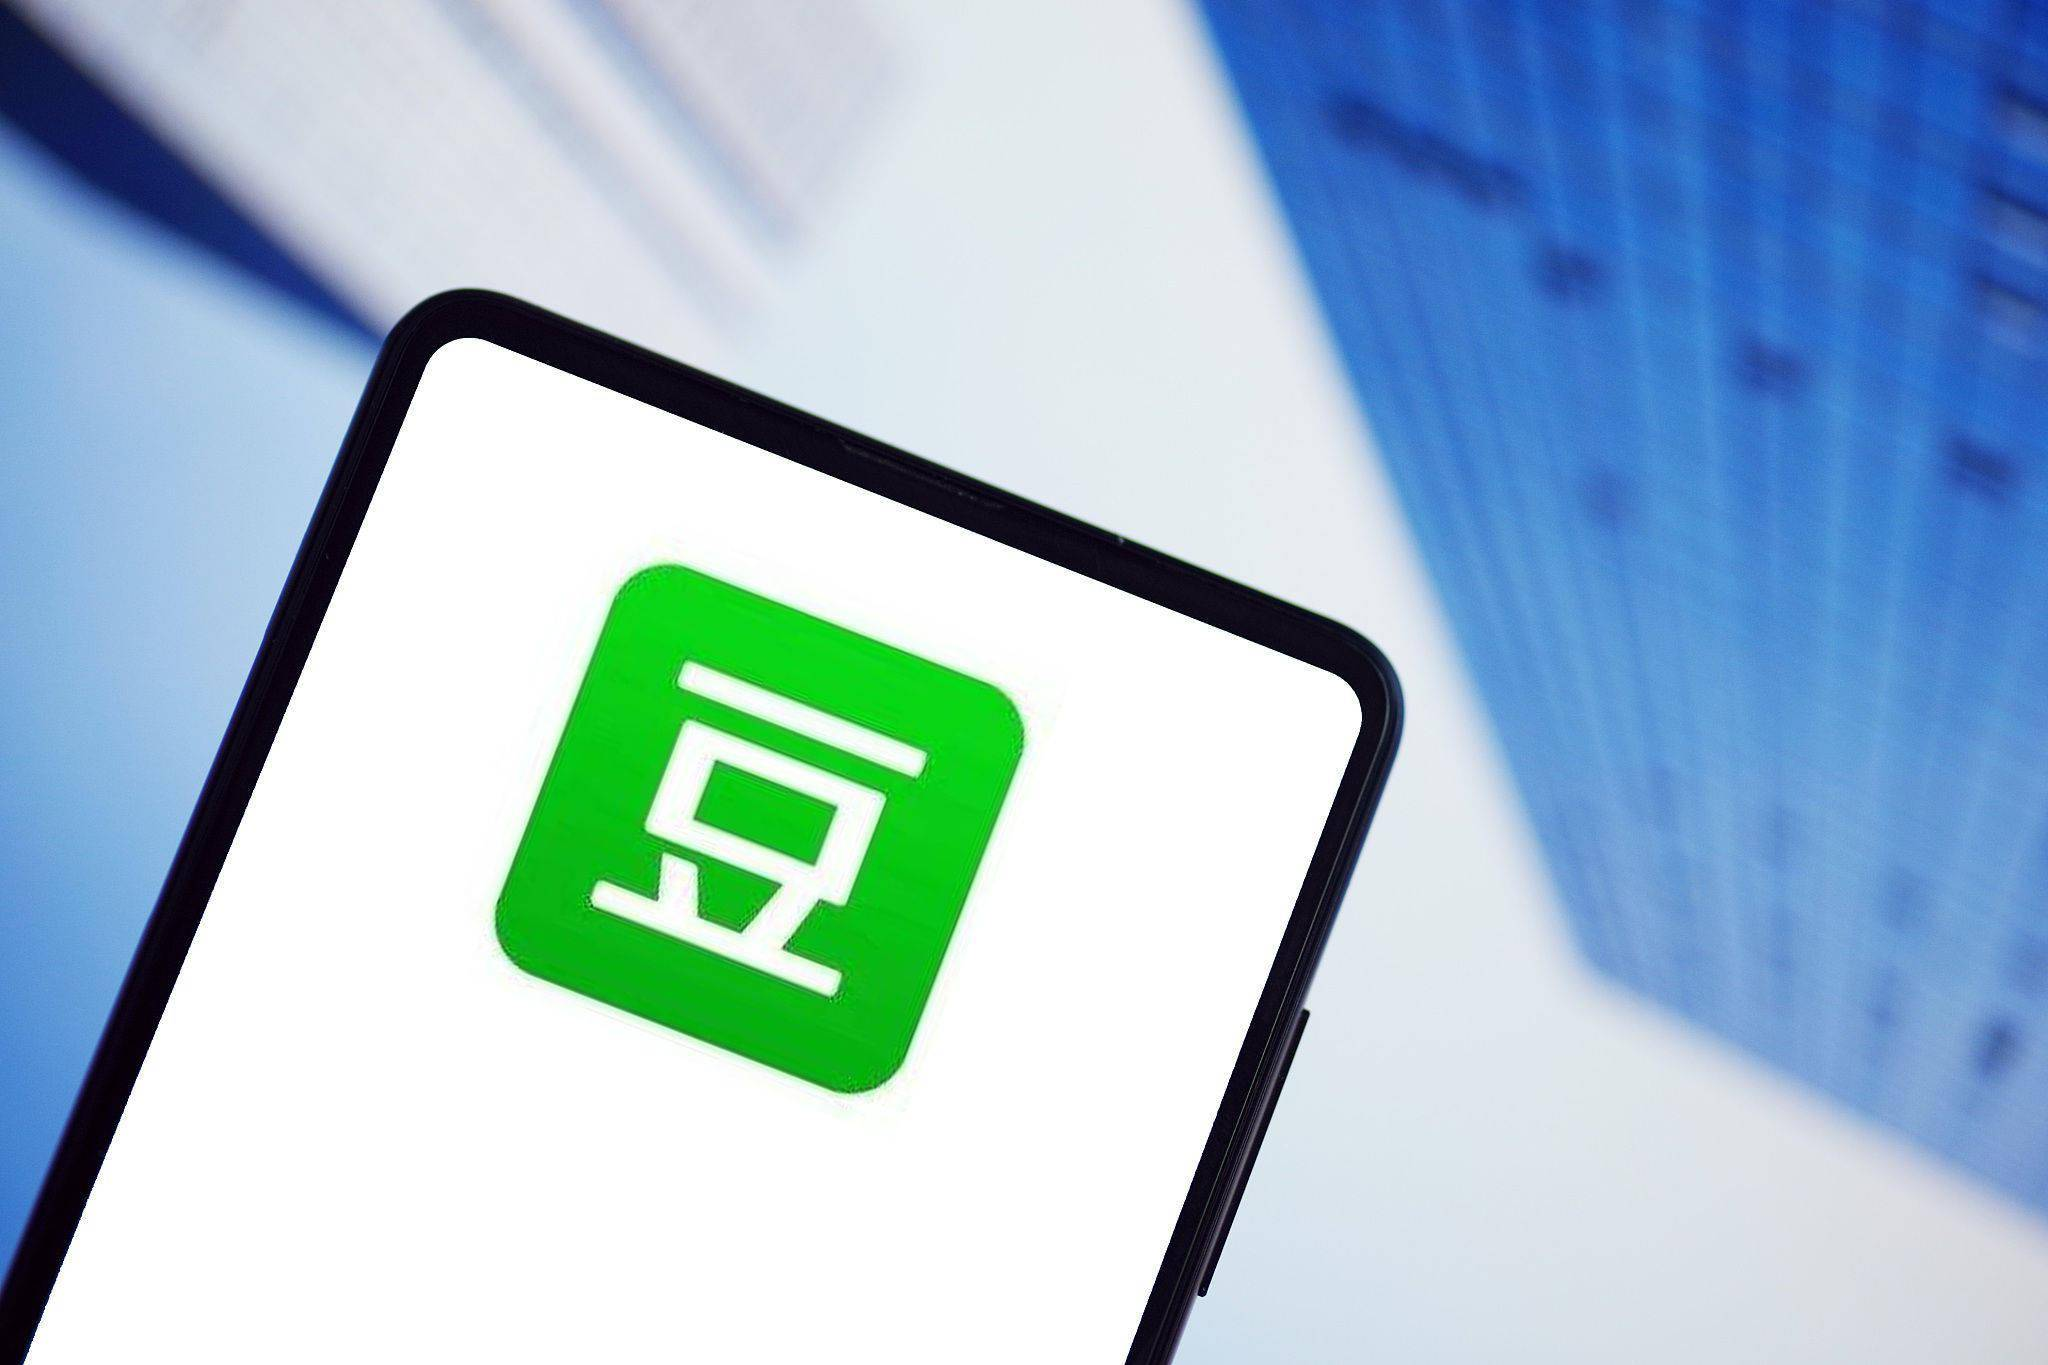 阿里云推网盘服务 最高 6TB 非会员高速下载;《堡垒之夜》新版不会上线苹果平台;B 站 Q2 营收 26.2 亿元创新高